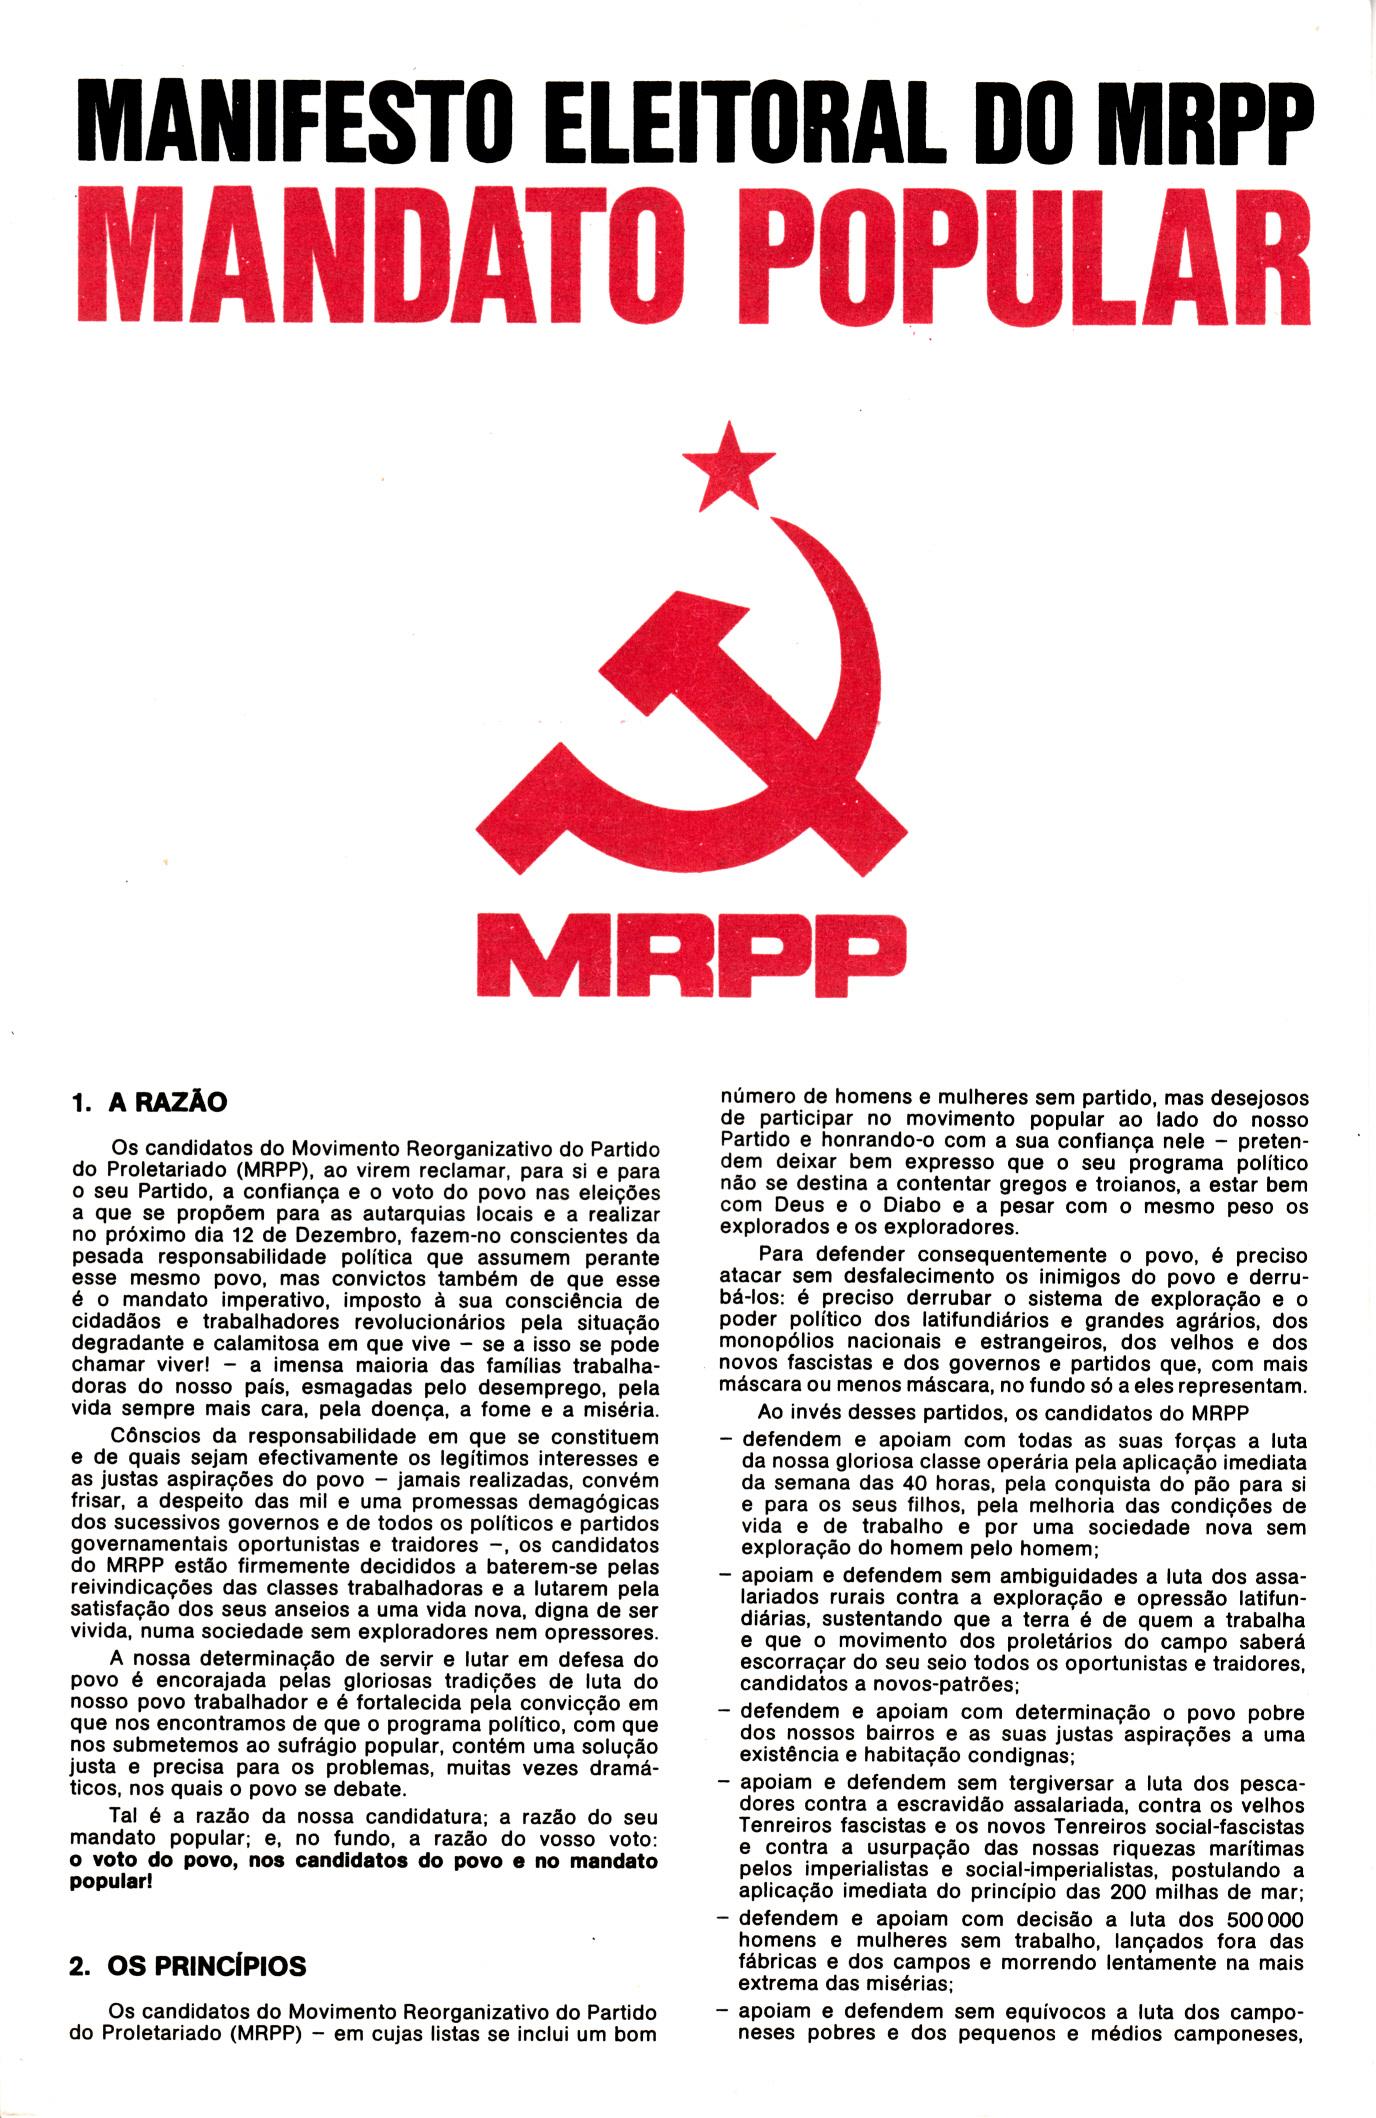 MRPP_1976_12_0001